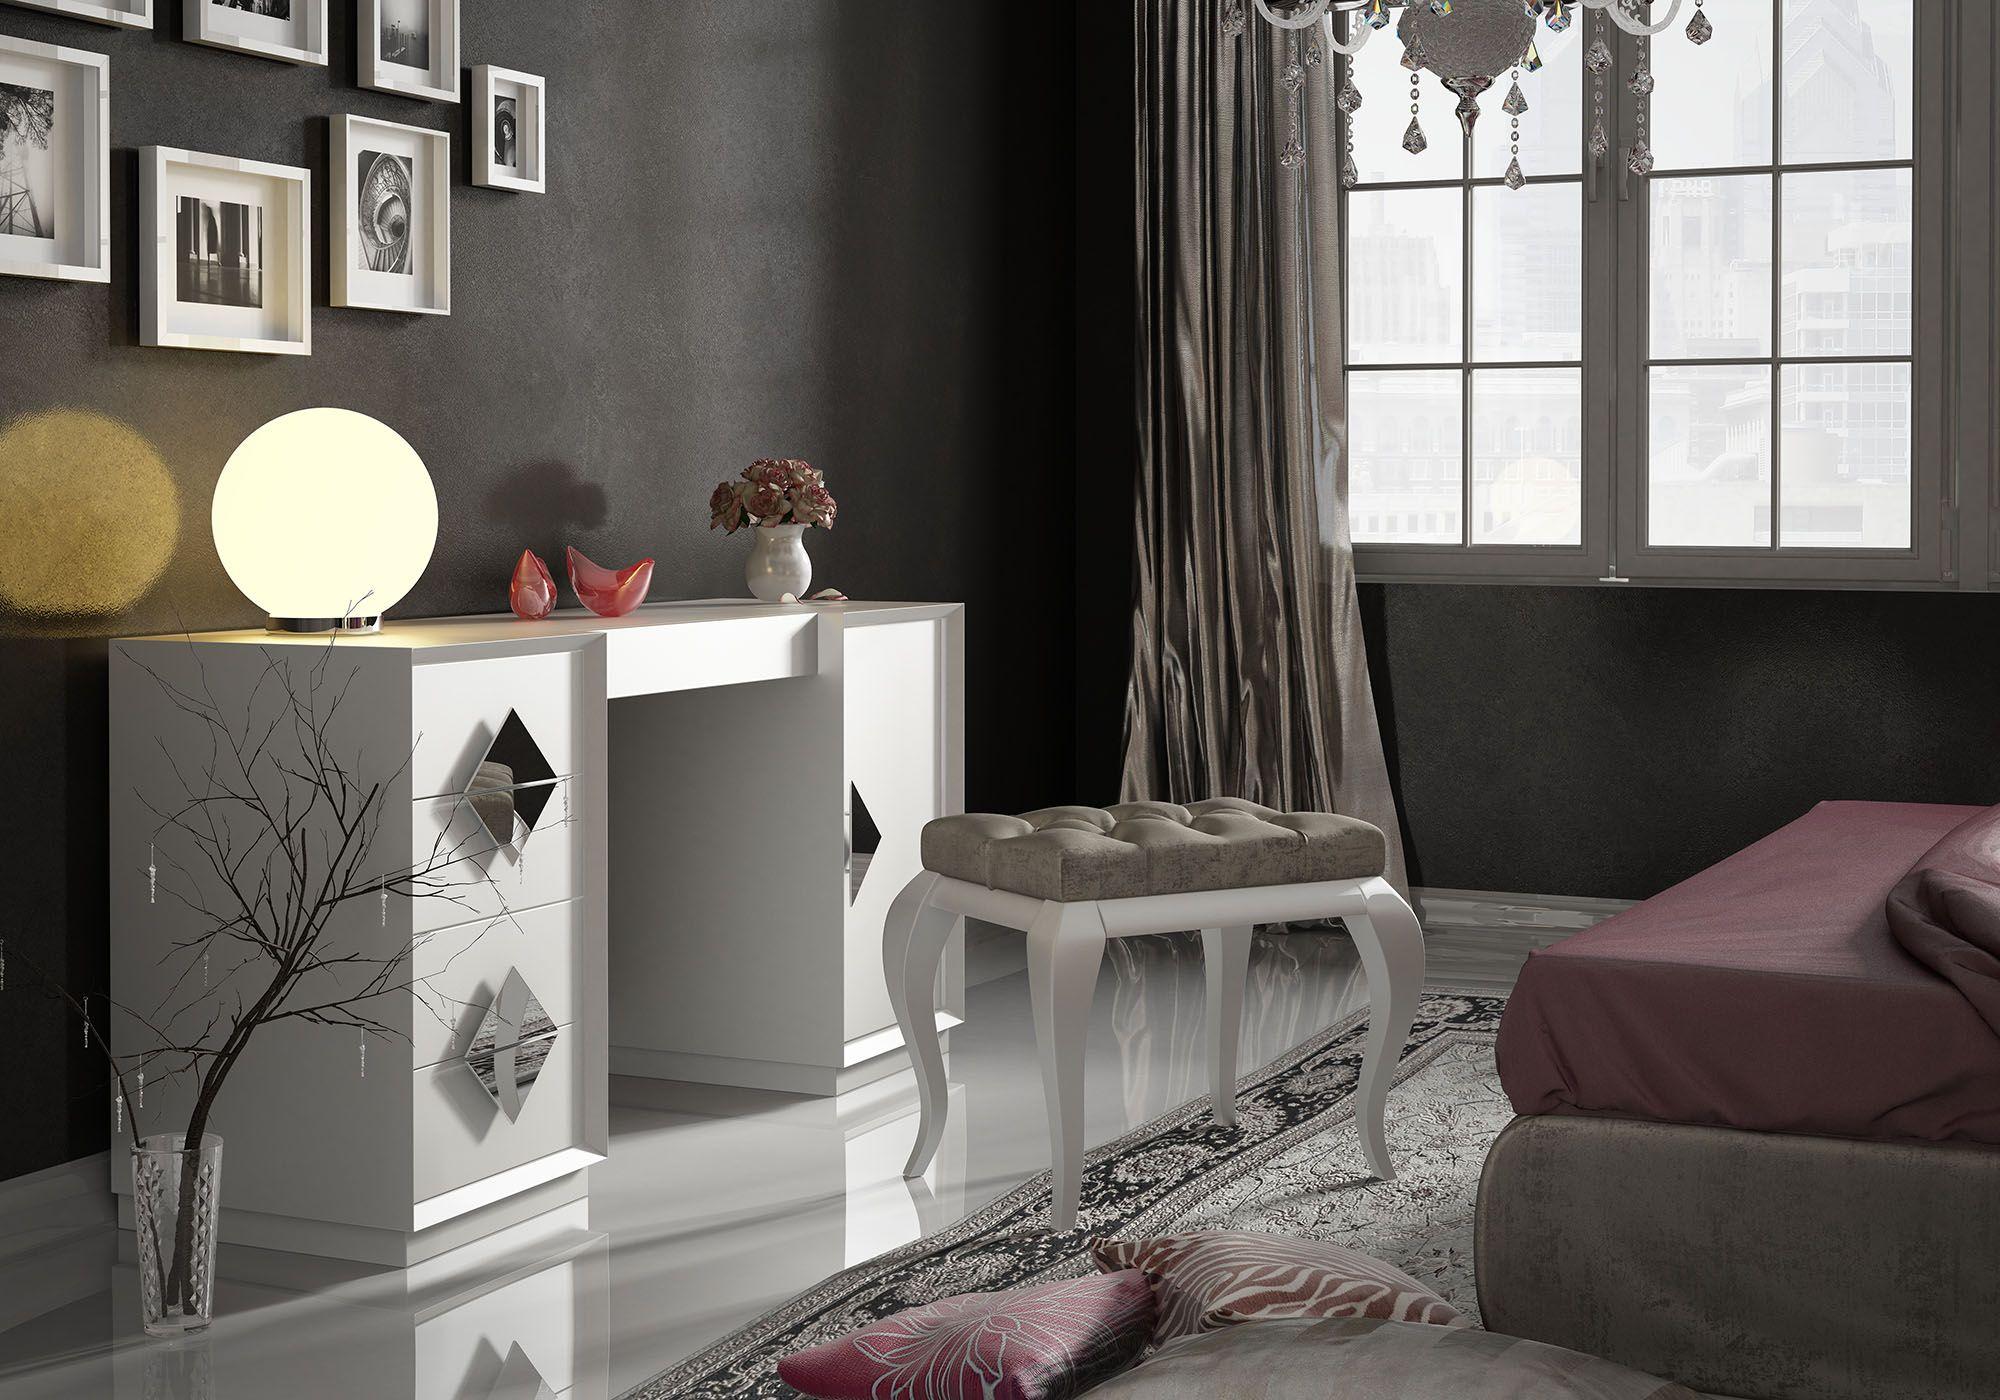 Coqueta Coquetas Pinterest Muebles Hogar Tocador Y Exquisito # Muebles Tocadores Modernos